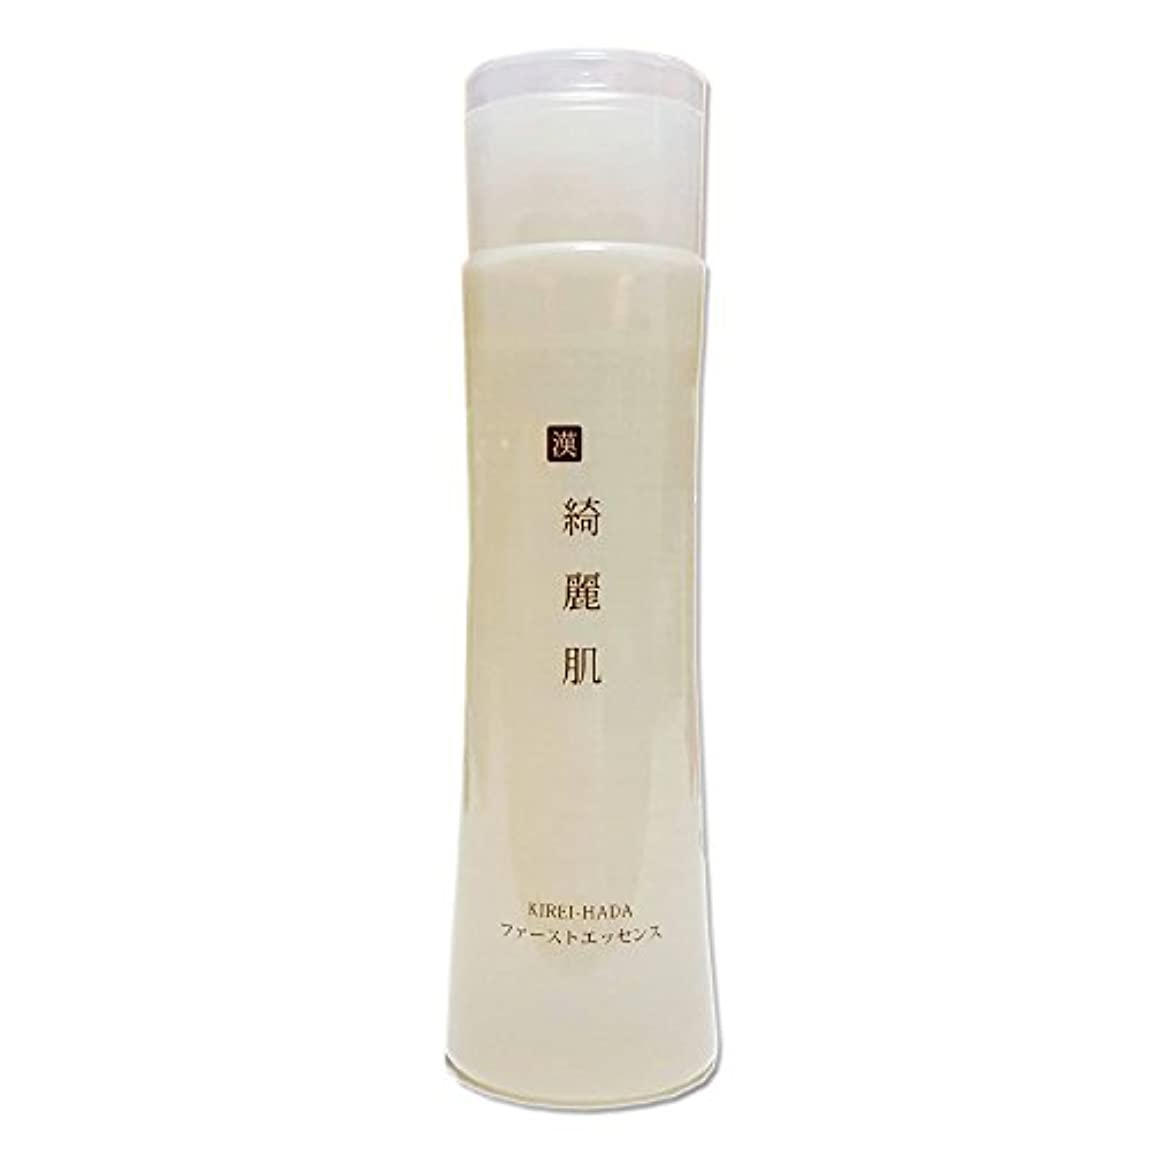 スリップ維持する突進ファーストエッセンス 美容液化粧水 200ml